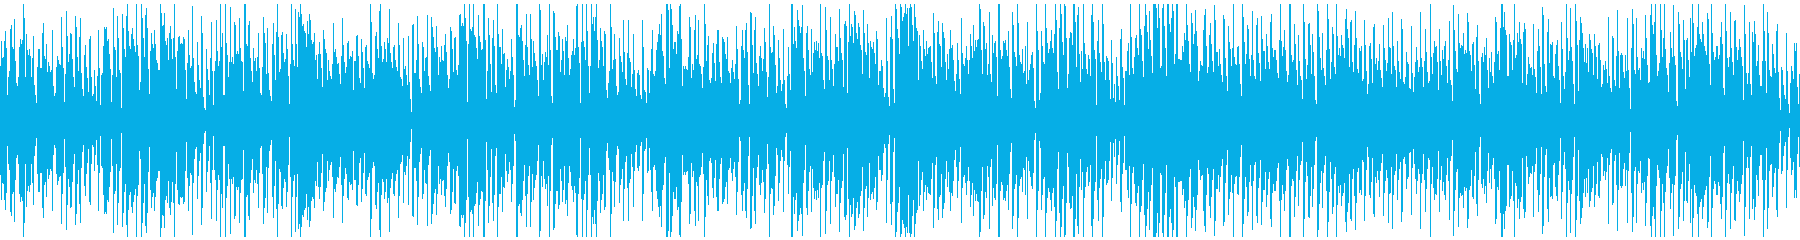 ハッピーわくわくジプシージャズ※ループ版の再生済みの波形